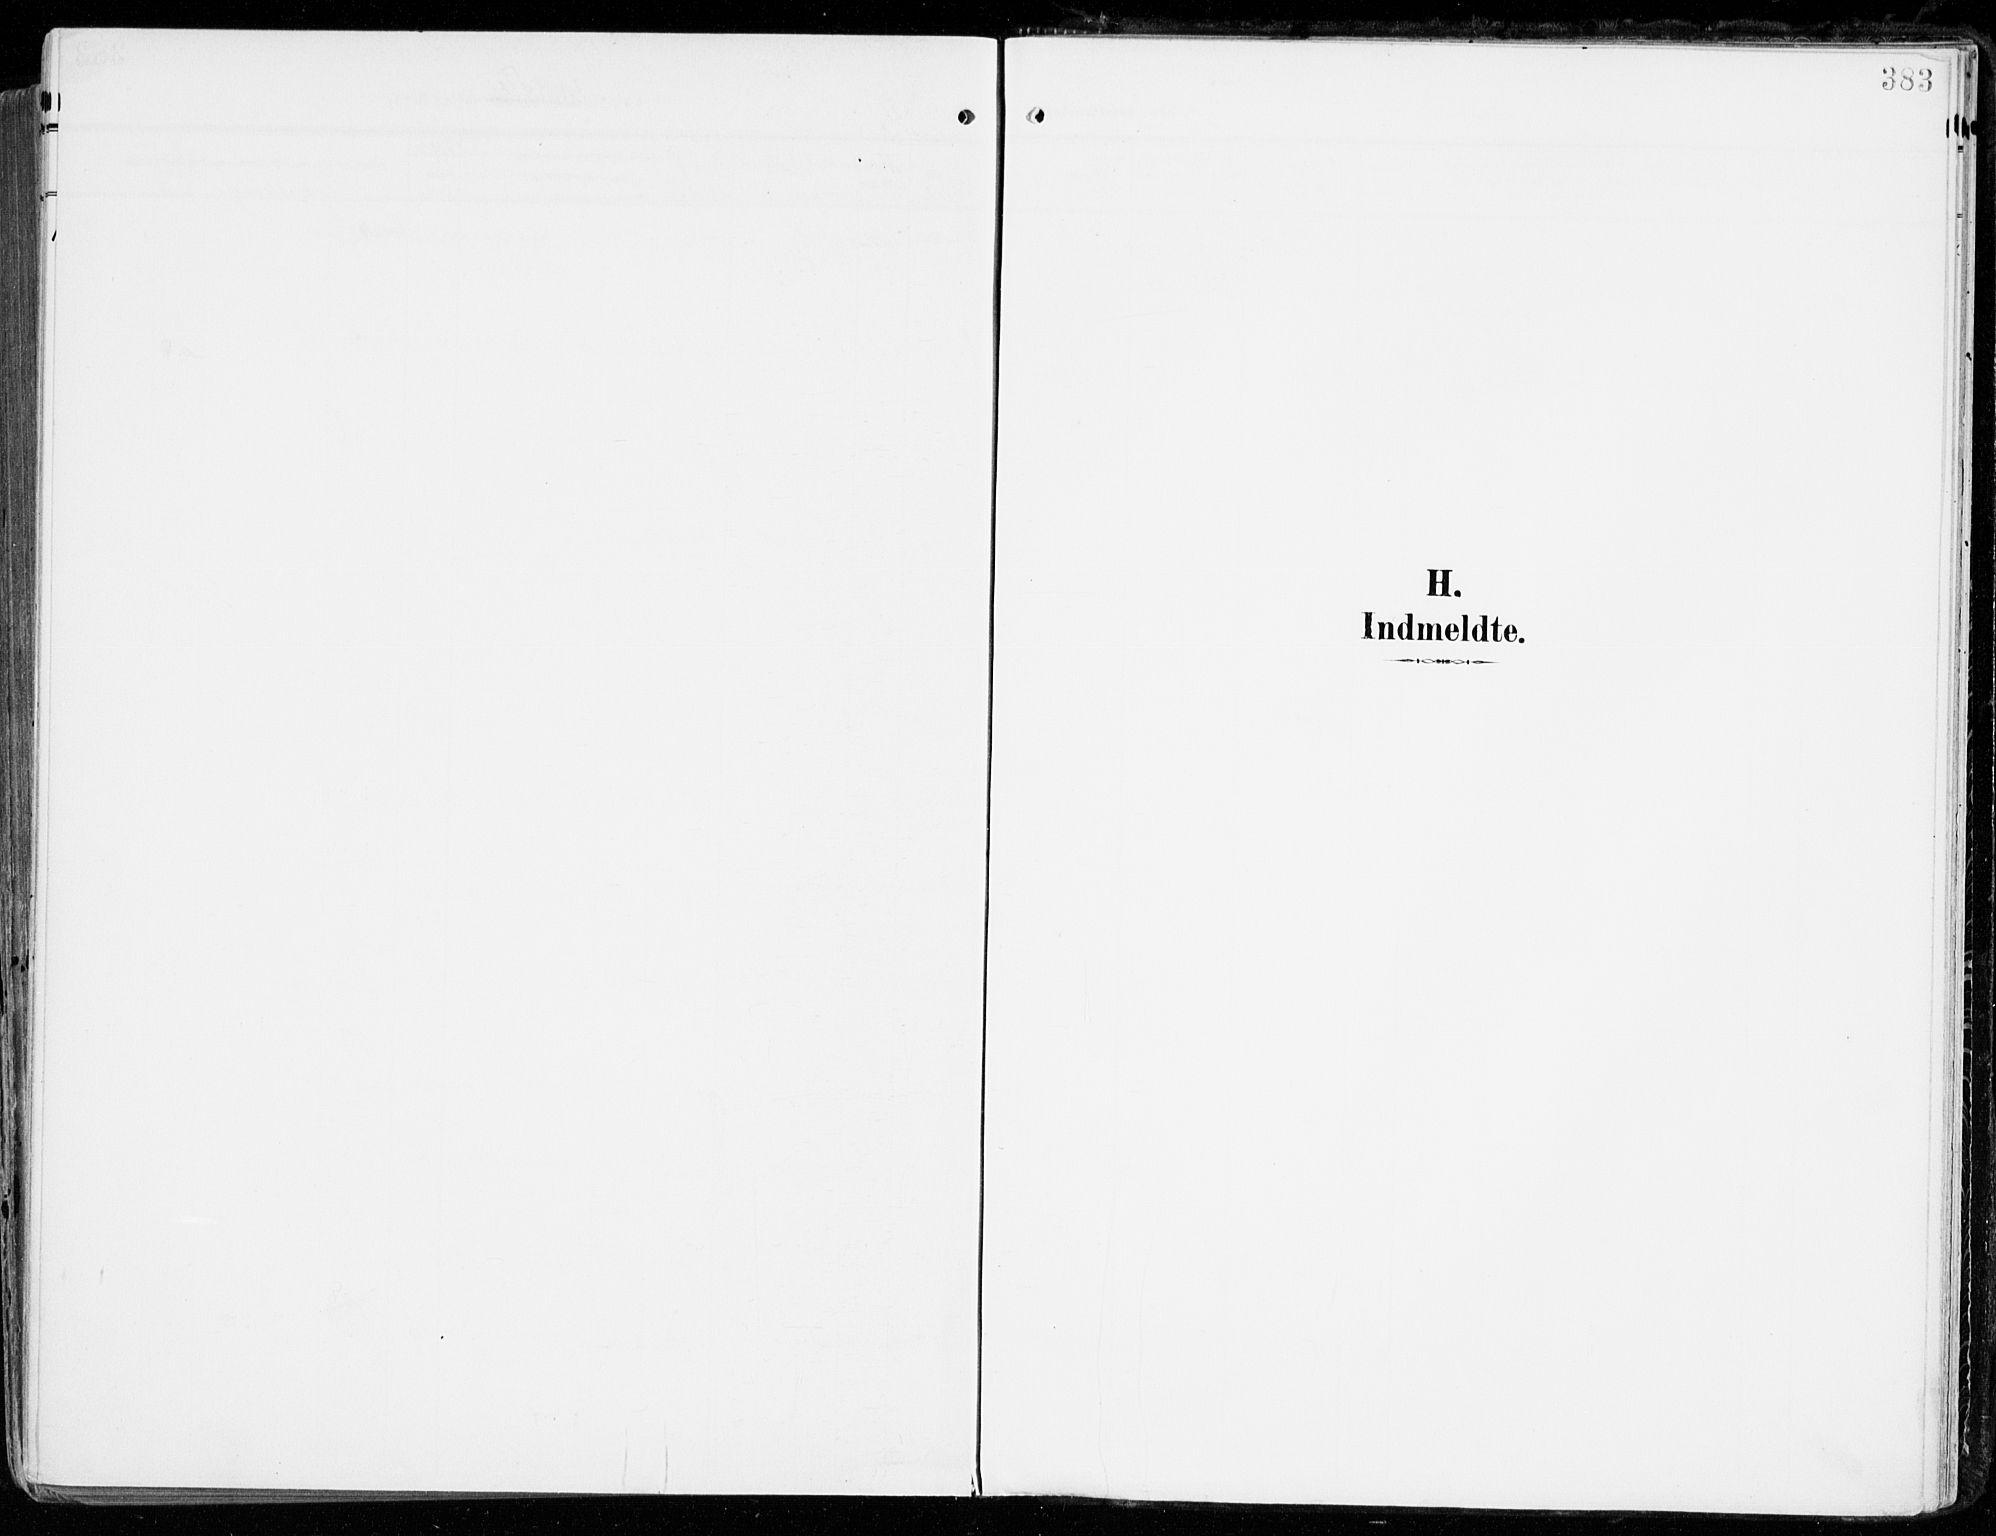 SAKO, Tjølling kirkebøker, F/Fa/L0010: Ministerialbok nr. 10, 1906-1923, s. 383